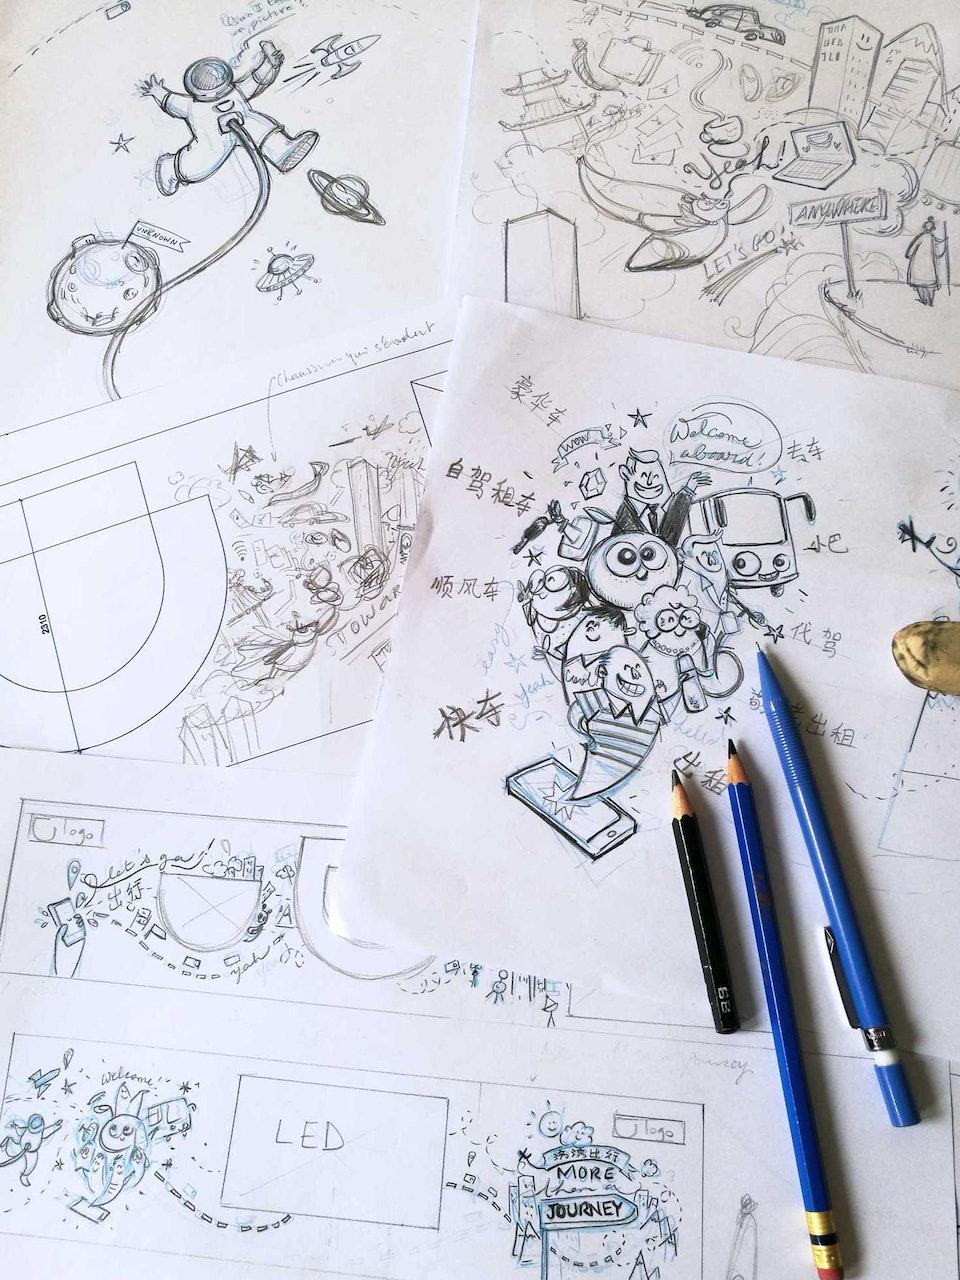 1-1-Didi-mural-prepa-skts - preparatory sketches